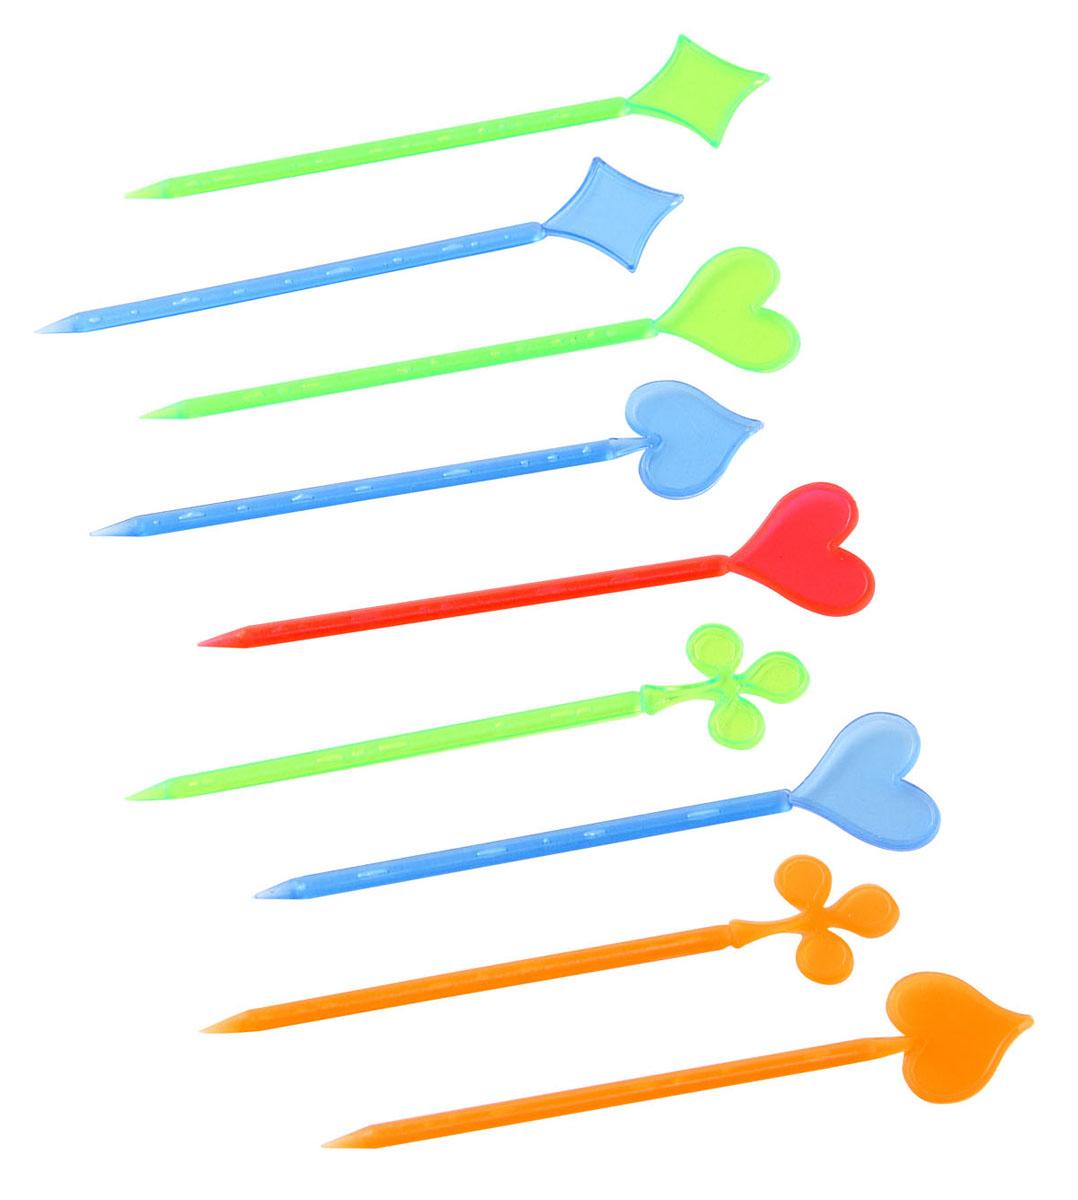 Палочки для канапе Fackelmann Карты, 8,5 см, 50 штGT005_розовыйПалочки для канапе Fackelmann Карты выполнены из разноцветного пластика. Верхушки оформлены фигурками в виде карточных мастей. Такие палочки помогут вам создать оригинальные канапе и бутерброды из самых простых продуктов. Представьте, насколько ярким и красивым станет ваш праздничный стол, и как будут приятно удивлены гости мастерством хозяйки. Характеристики:Материал: пластик. Длина палочки: 8,5 см. Комплектация: 50 шт. Артикул: 50417. Компания Fackelmann была основана в 1948 году и в настоящее время является крупнейшим мировым поставщиком товаров для дома. В ассортименте компании найдутся товары для самых разных покупателей. Продукция Fackelmann выполнена из различных комбинаций металла - нержавеющей, хромированной, никелированной и луженой стали, светлого и темного дерева - бука и сосны, пластмассы, акрила, прозрачного, матового и цветного стекла. С продукцией Fackelmann ваш дом станет красивее, уютнее и намного удобнее!